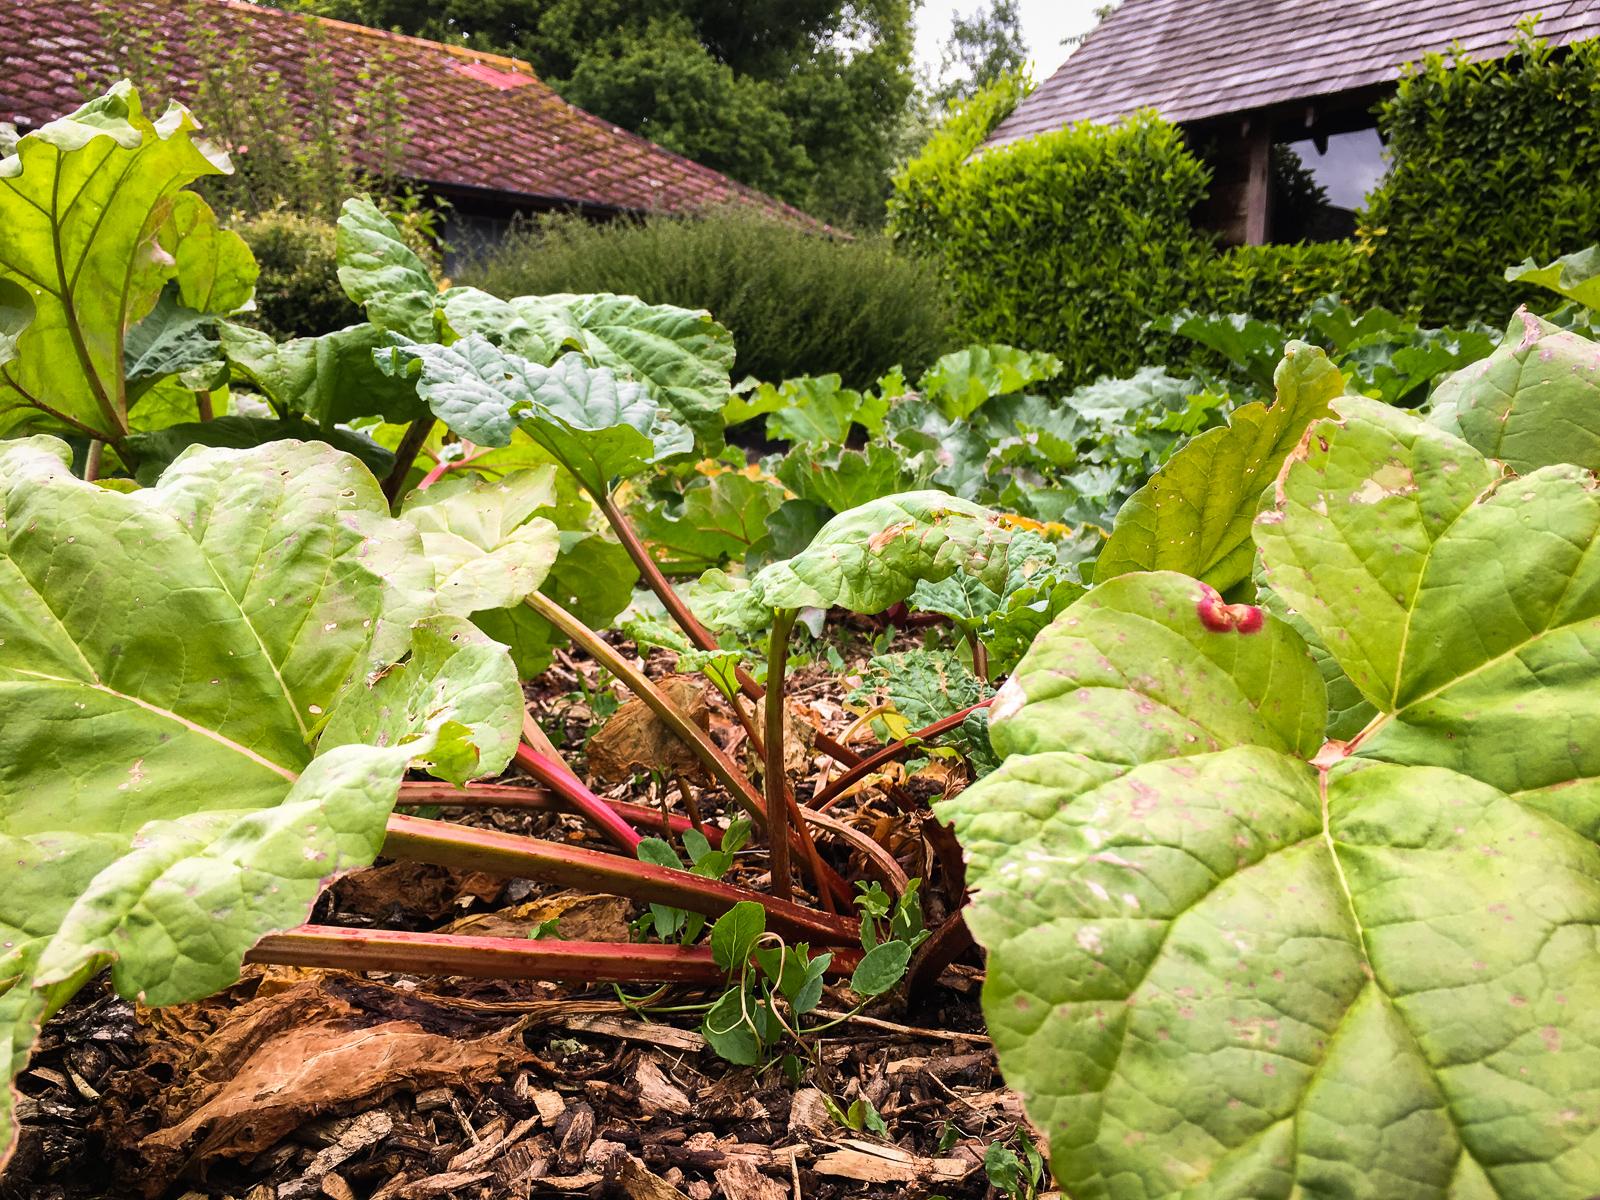 The Ethicurean Rhubarb